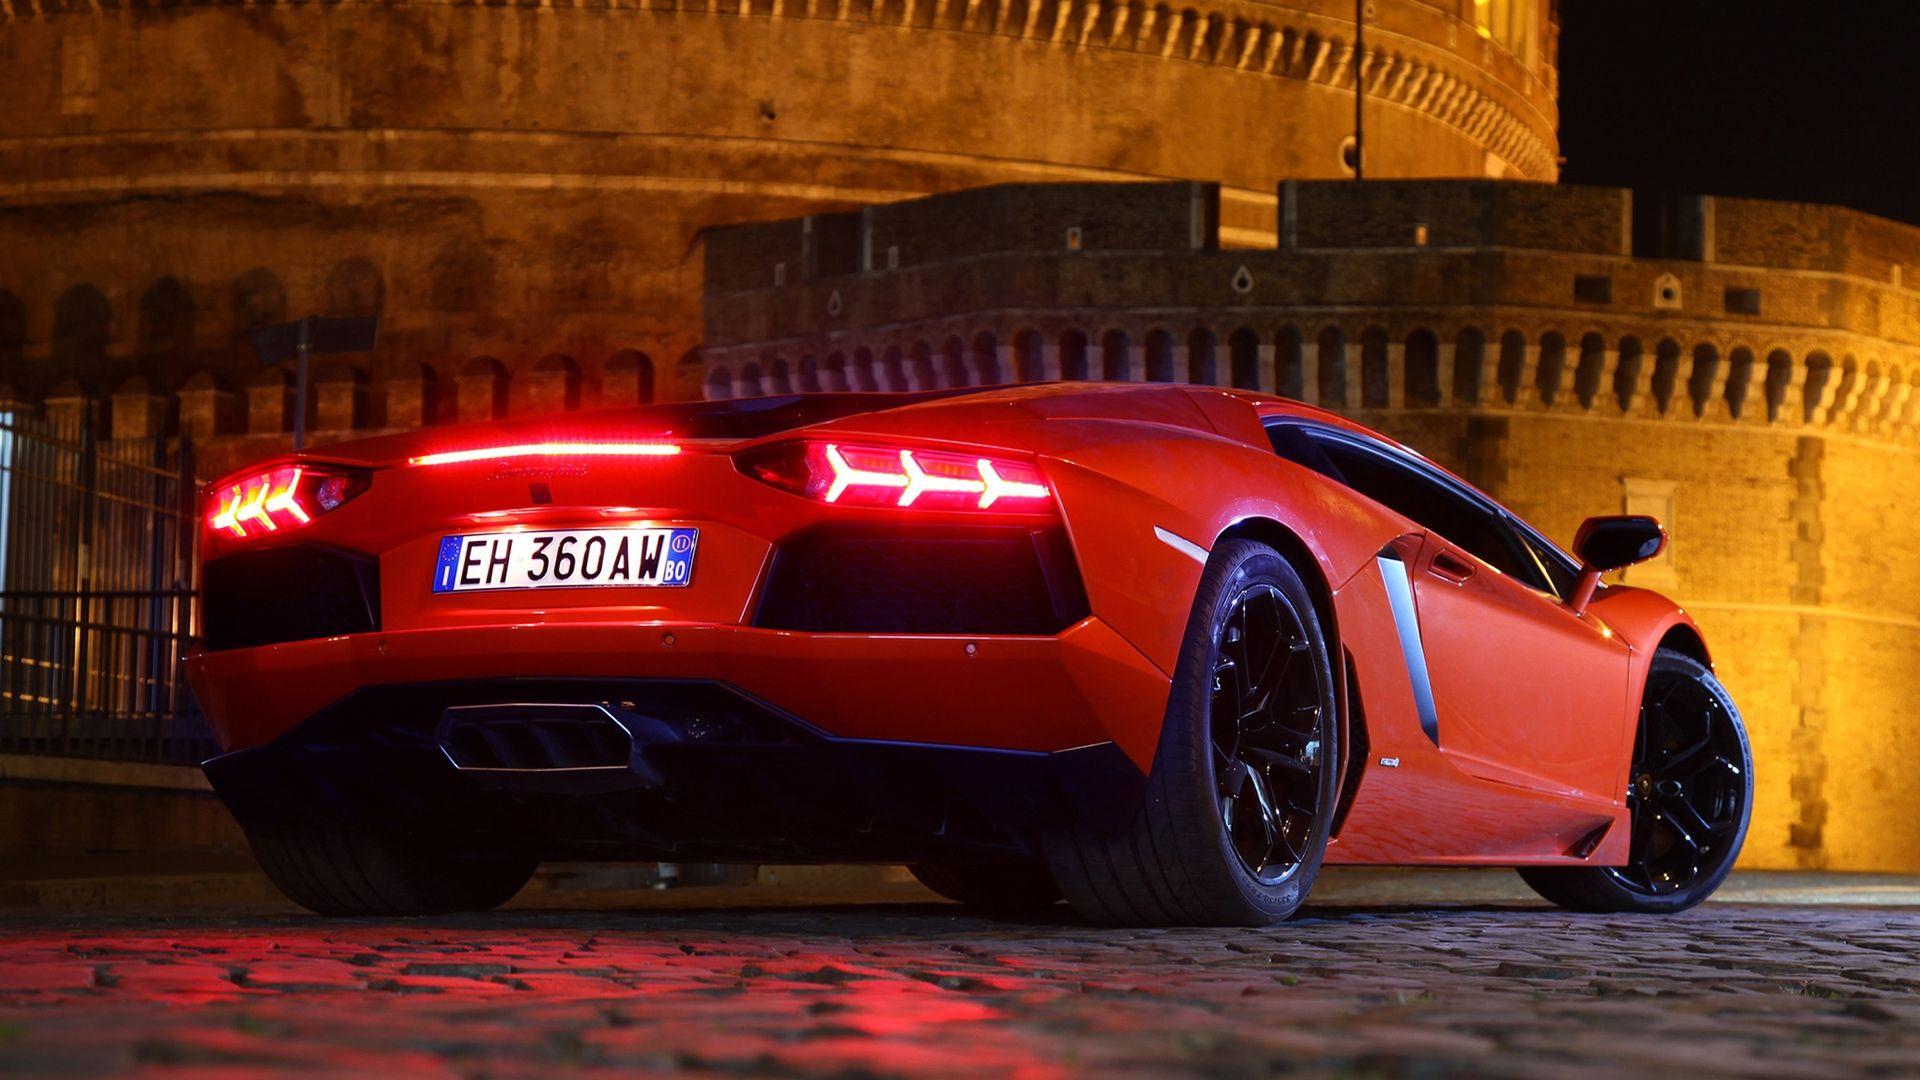 51ee129739f8b3d81bb1c2dcb714ddb0 Exciting Lamborghini Huracán Lp 610-4 Cena Cars Trend